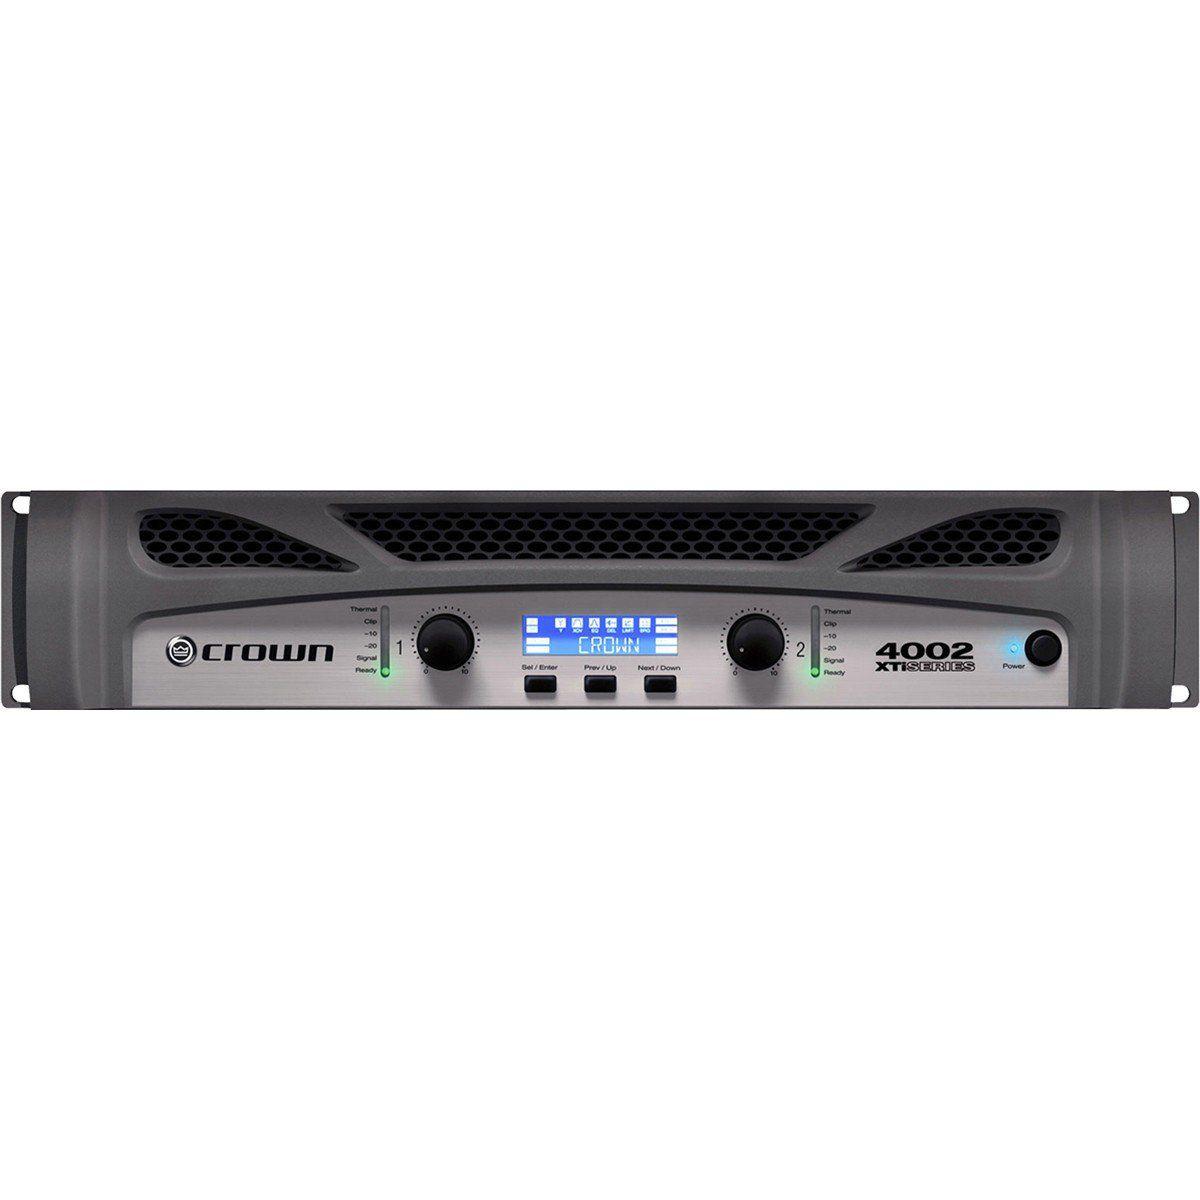 Crown XTI4002 Amplificador Crown XTI4002 1600W